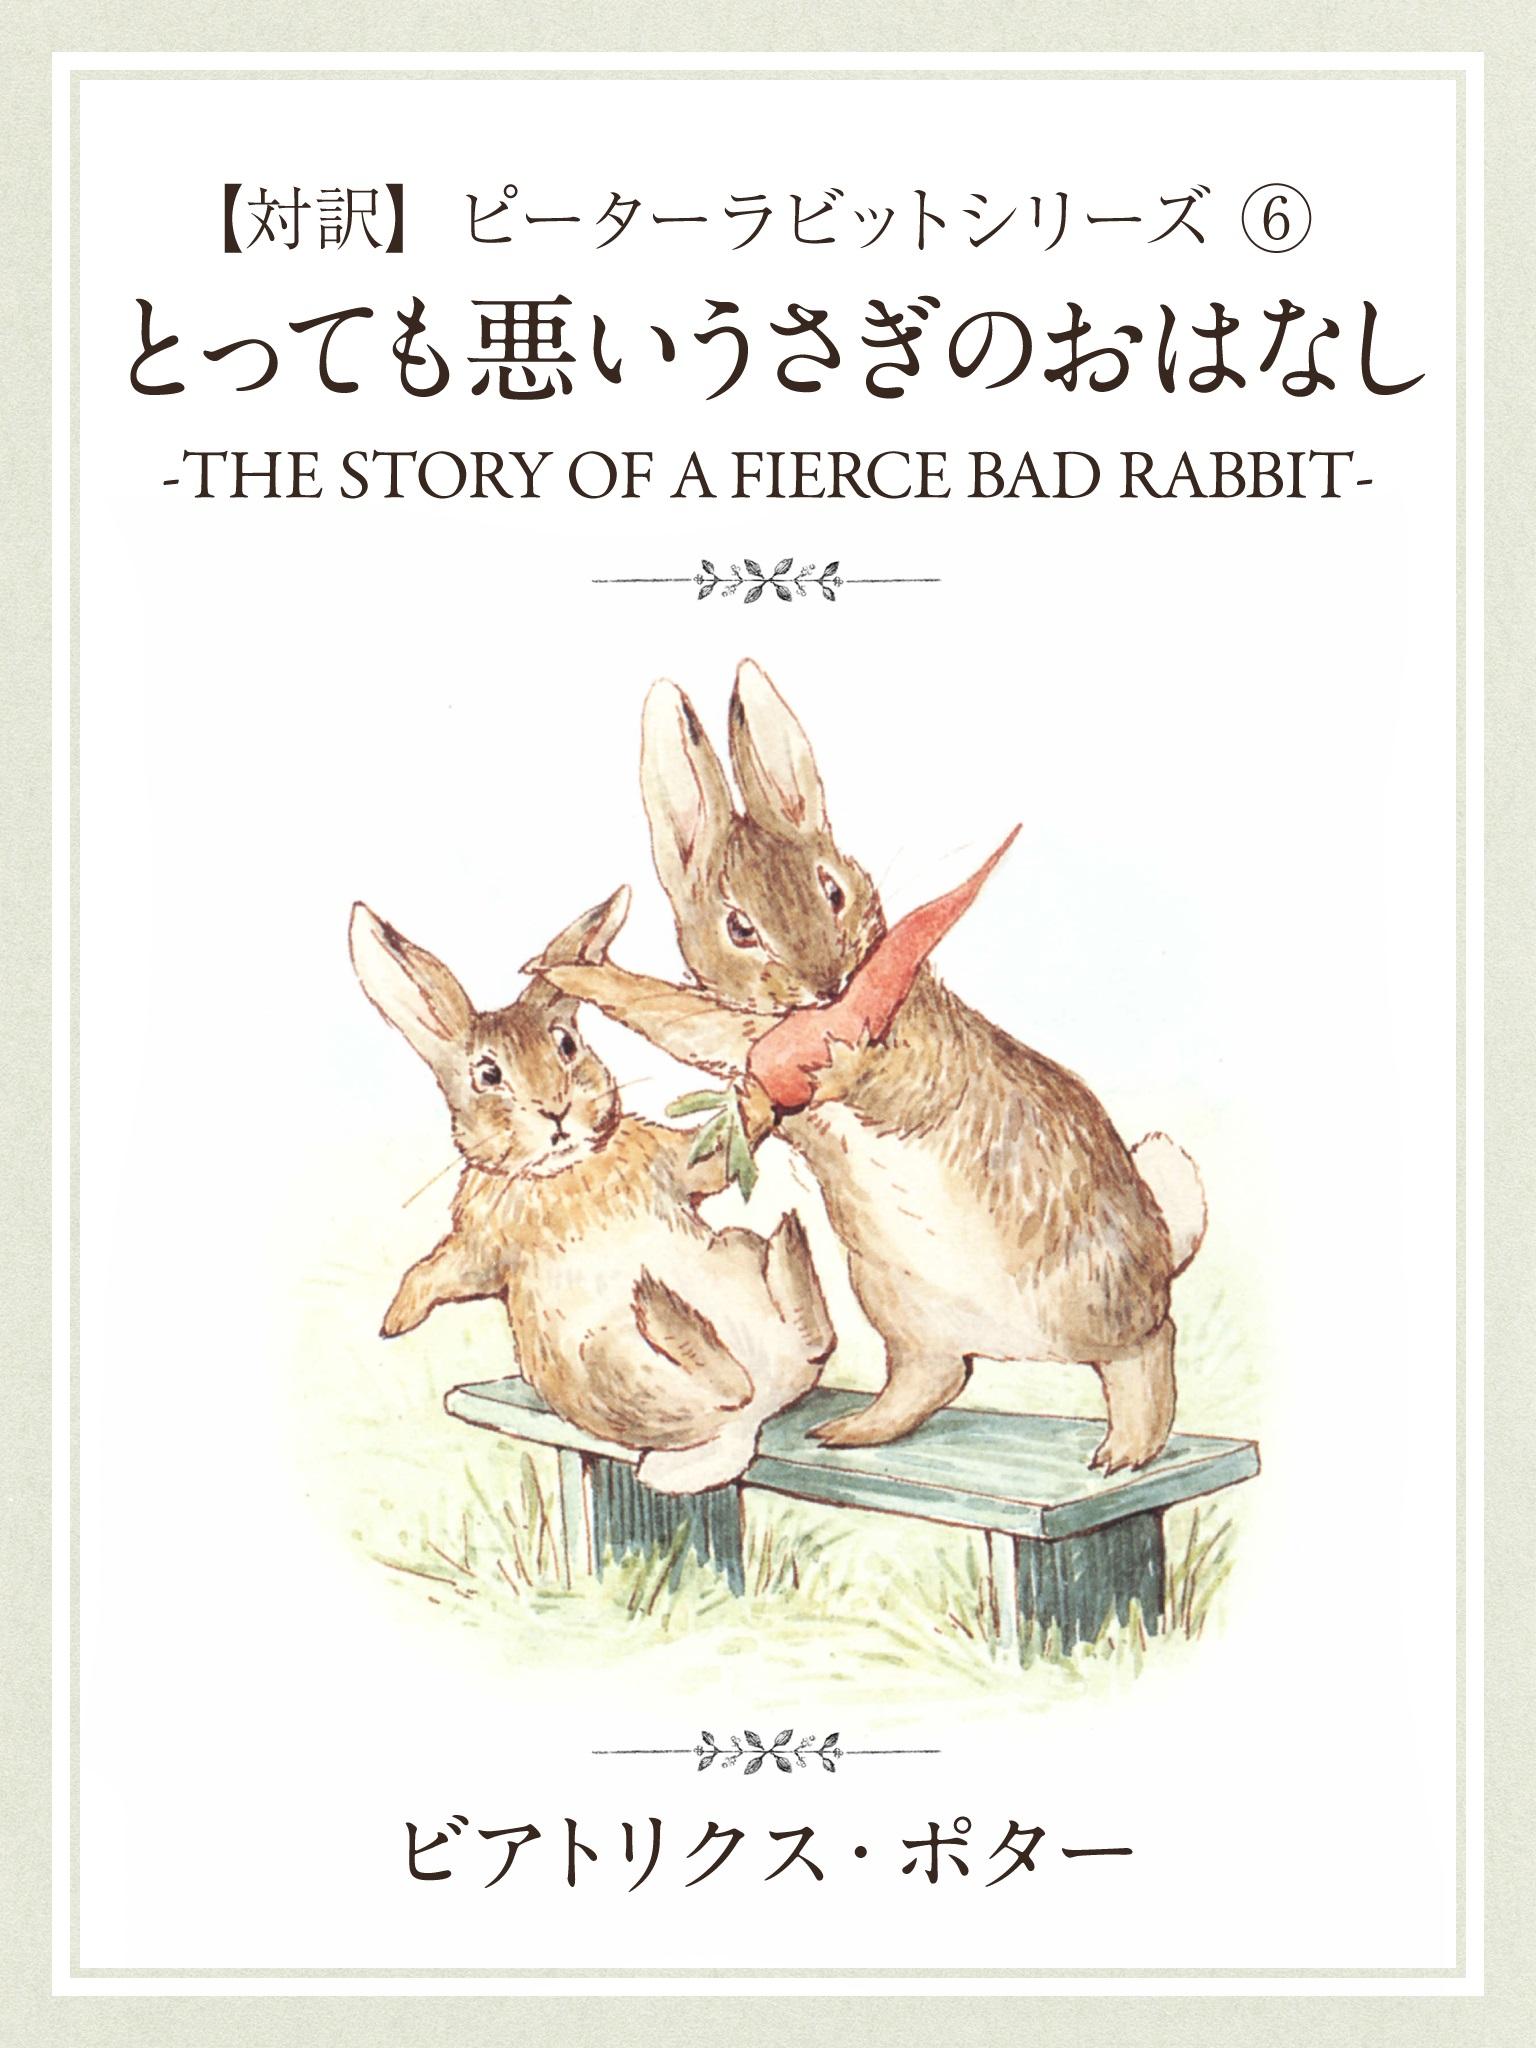 【対訳】ピーターラビット ⑥ とっても悪いうさぎのおはなし -THE STORY OF A FIERCE BAD RABBIT-